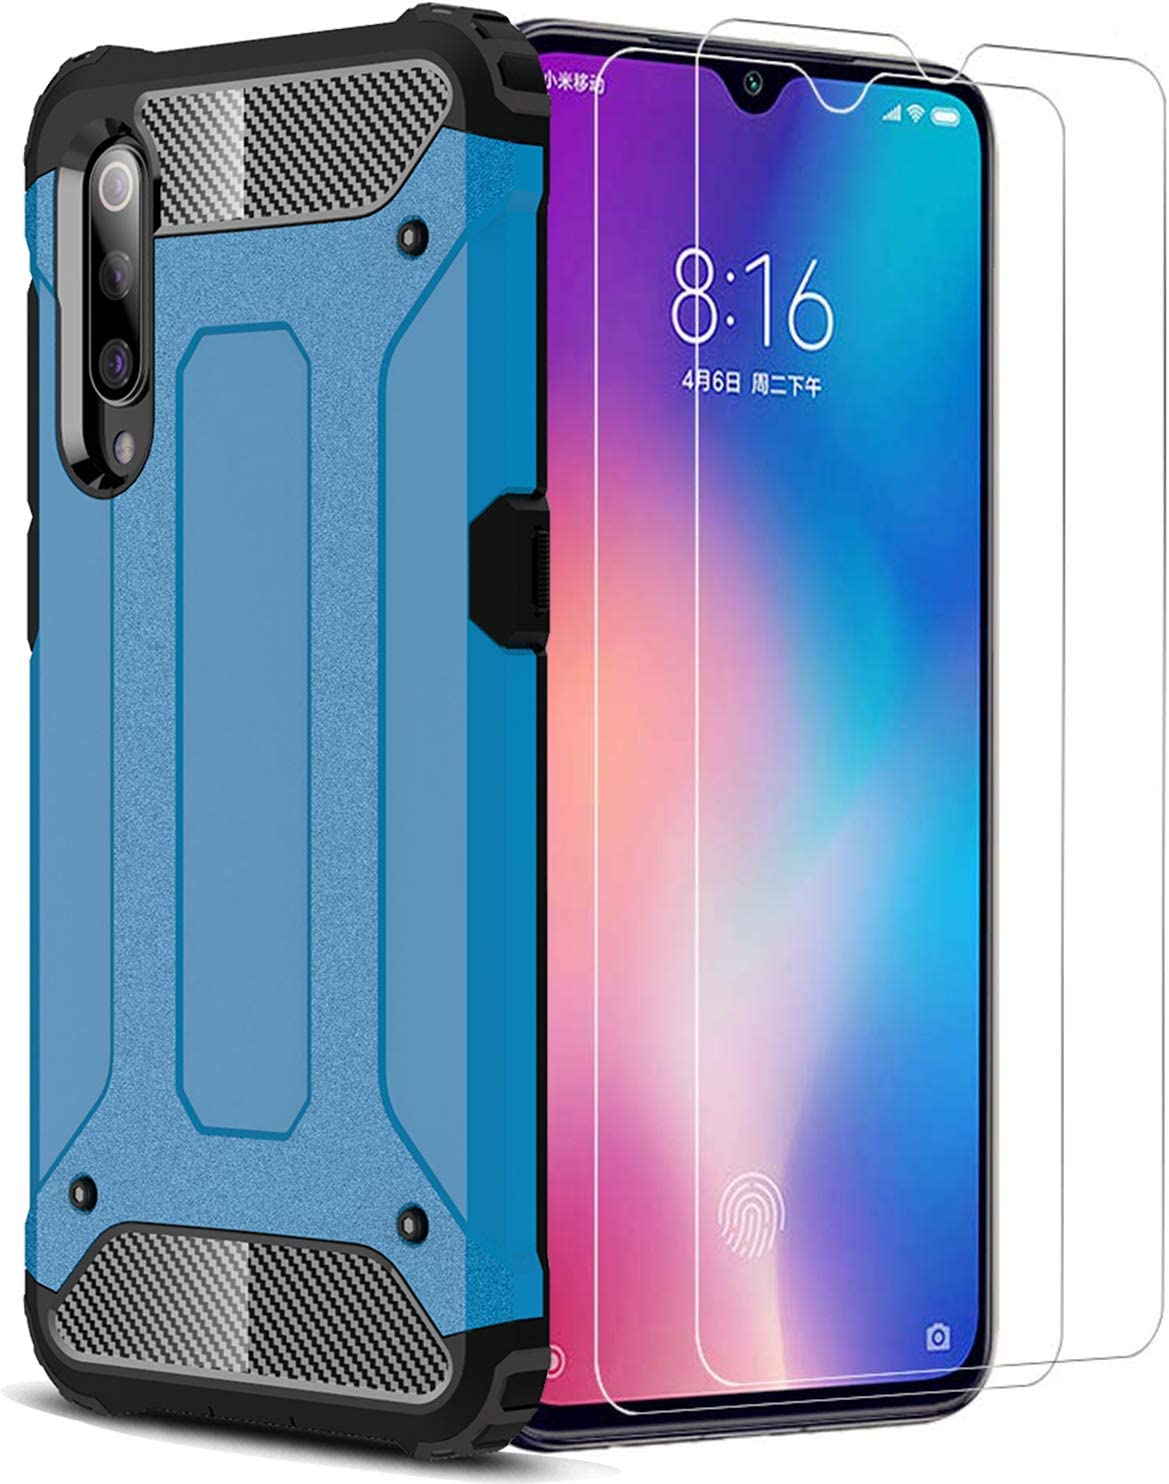 XIFAN Funda para Xiaomi Mi 9, Protección contra Golpes de TPU + PC Resistente a arañazos Doble Capa Funda Carcasa para Xiaomi Mi 9, Azul + 2 Piezas Protector de Pantalla